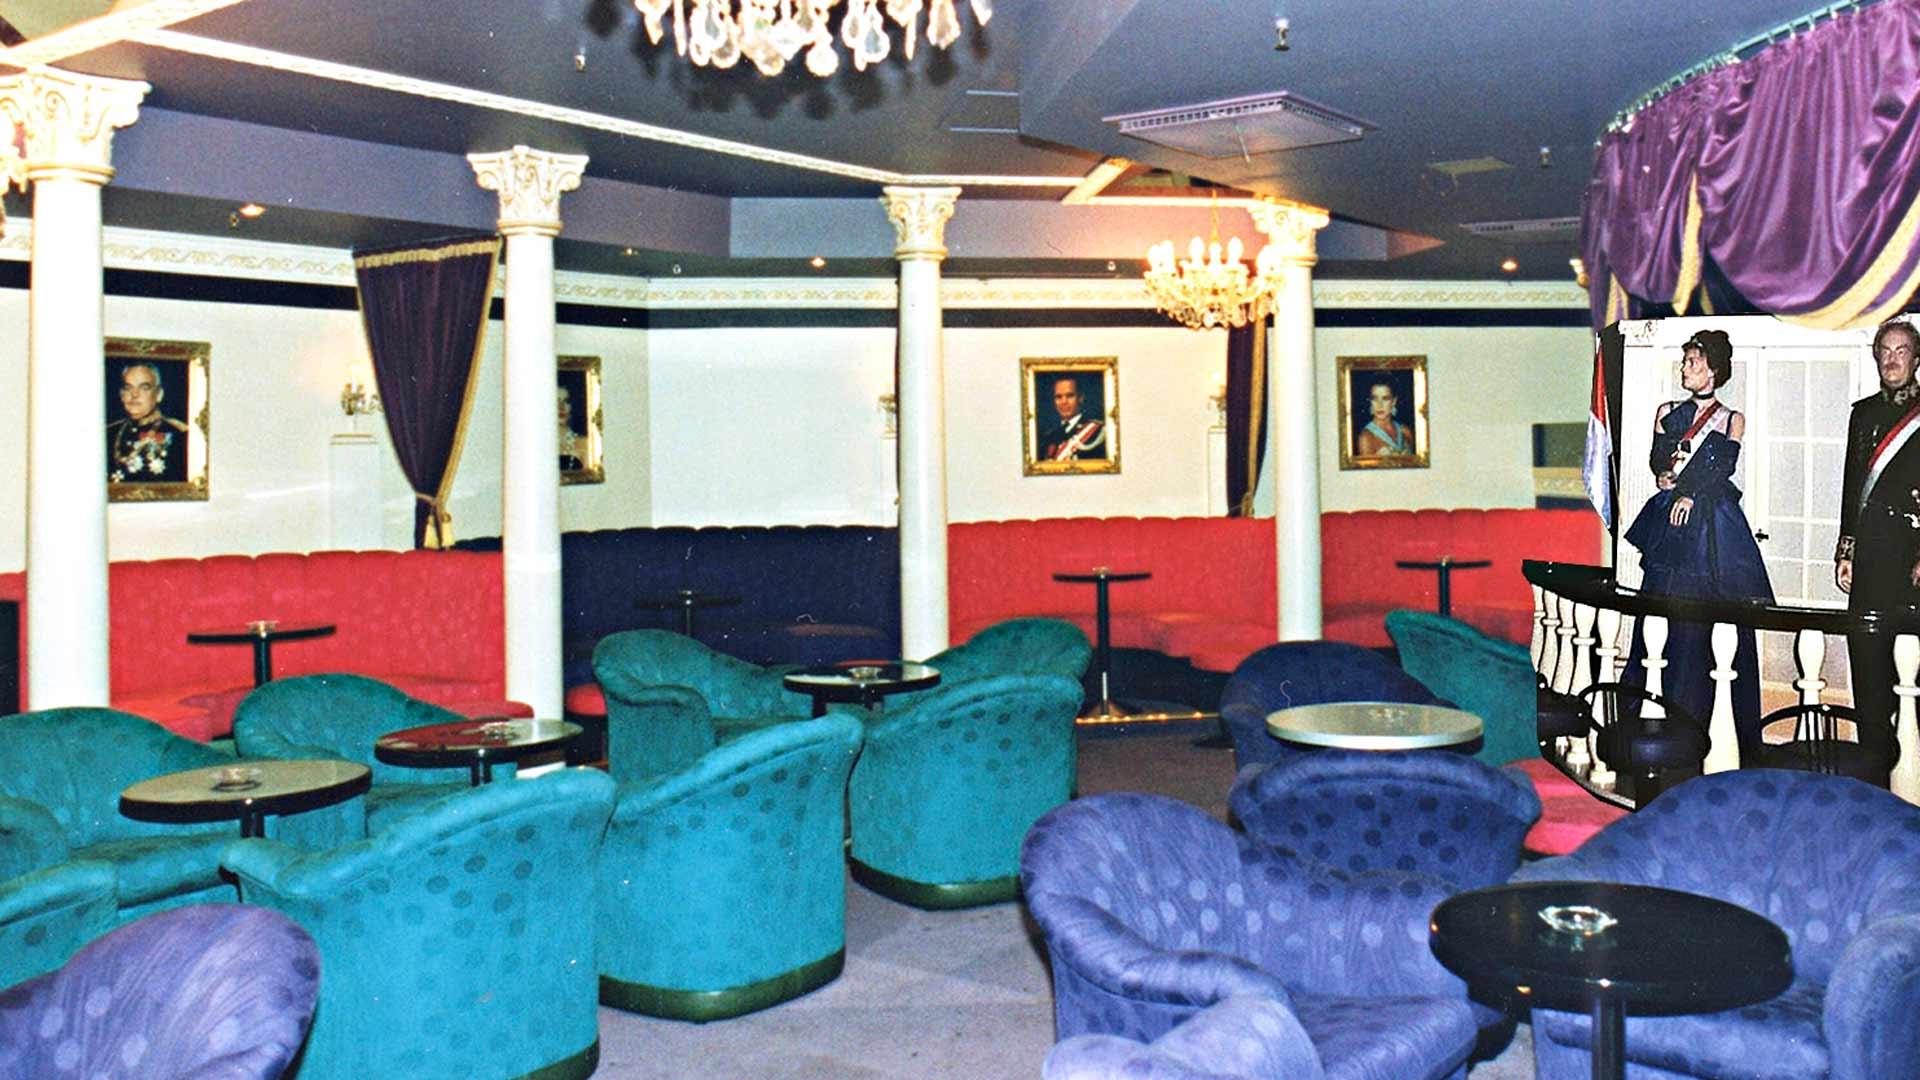 Yökerho oli Jyväskylän ykkösmenomesta. Se paloi kesäyönä 1975, kun paikka oli jo suljettu. 1990-luvulla yökerhoa koristivat Monacon Rainier ja Caroline -nuket.